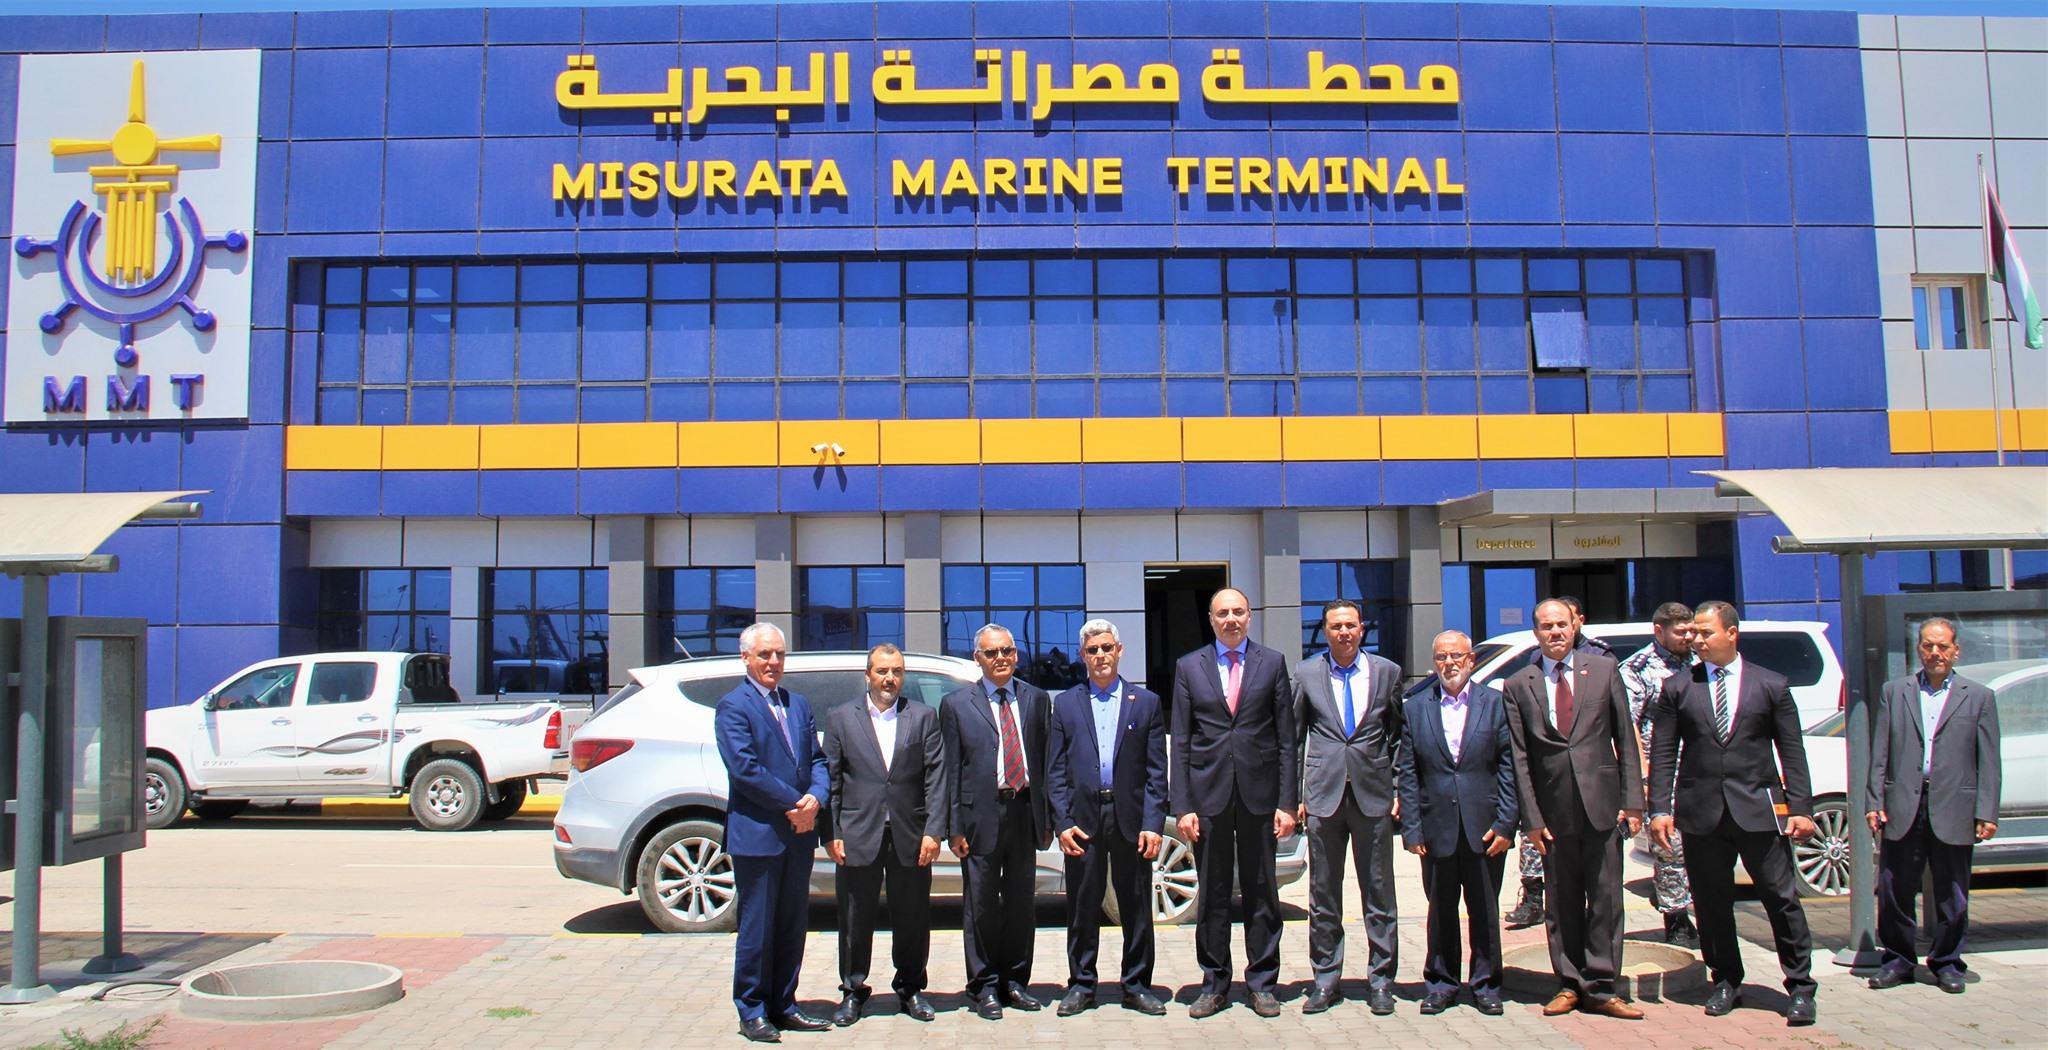 مشاورات لتعزيز التبادل التجاري بين مصراتة ومصر